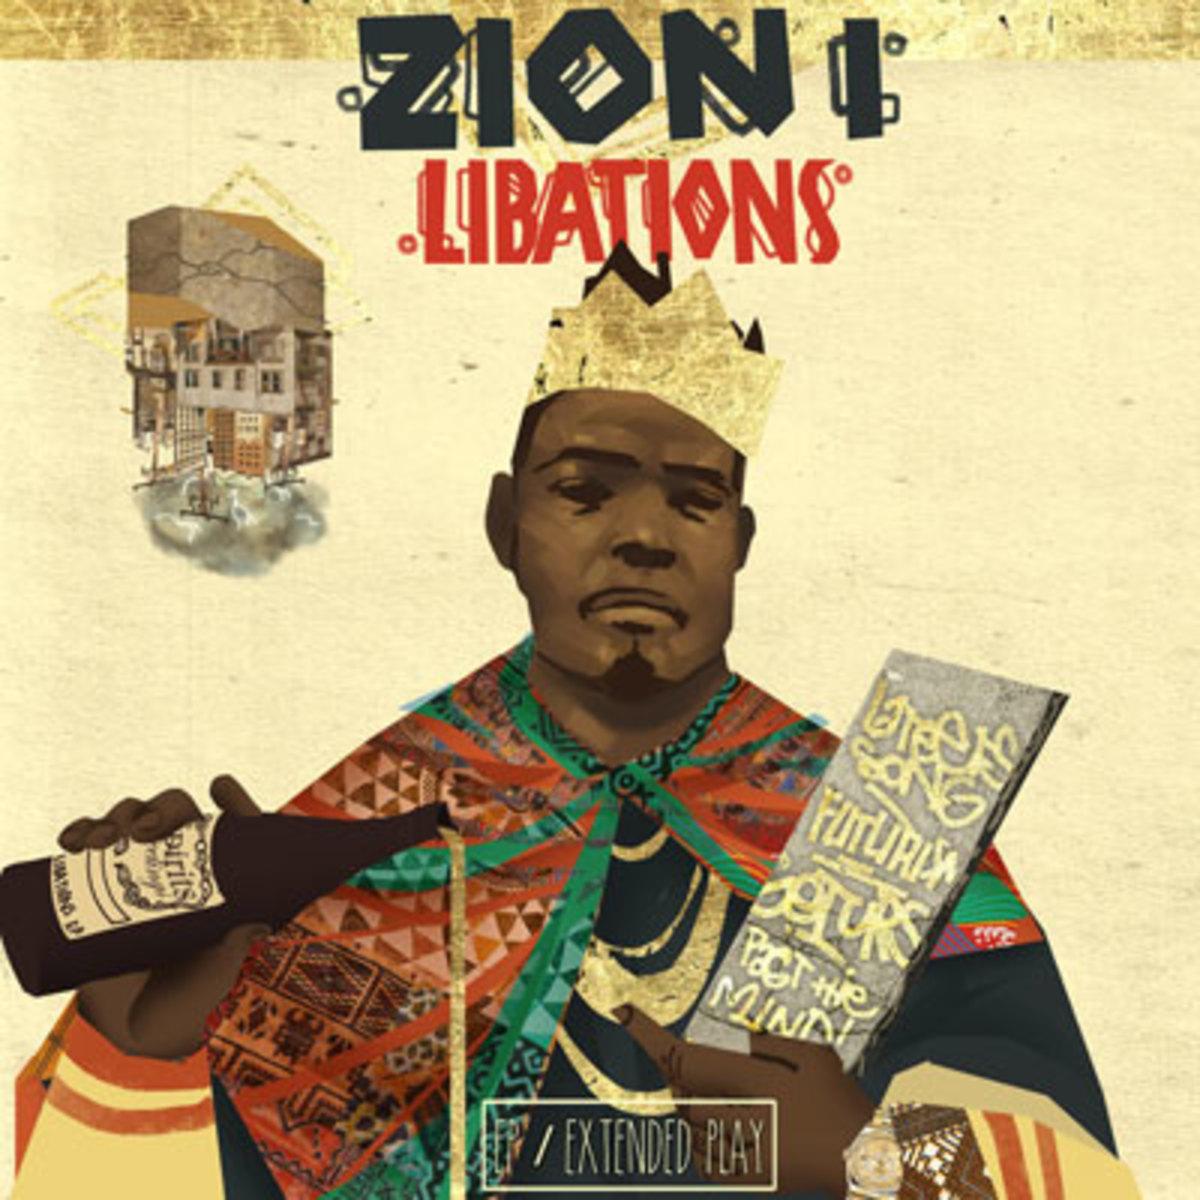 zioni-libations.jpg